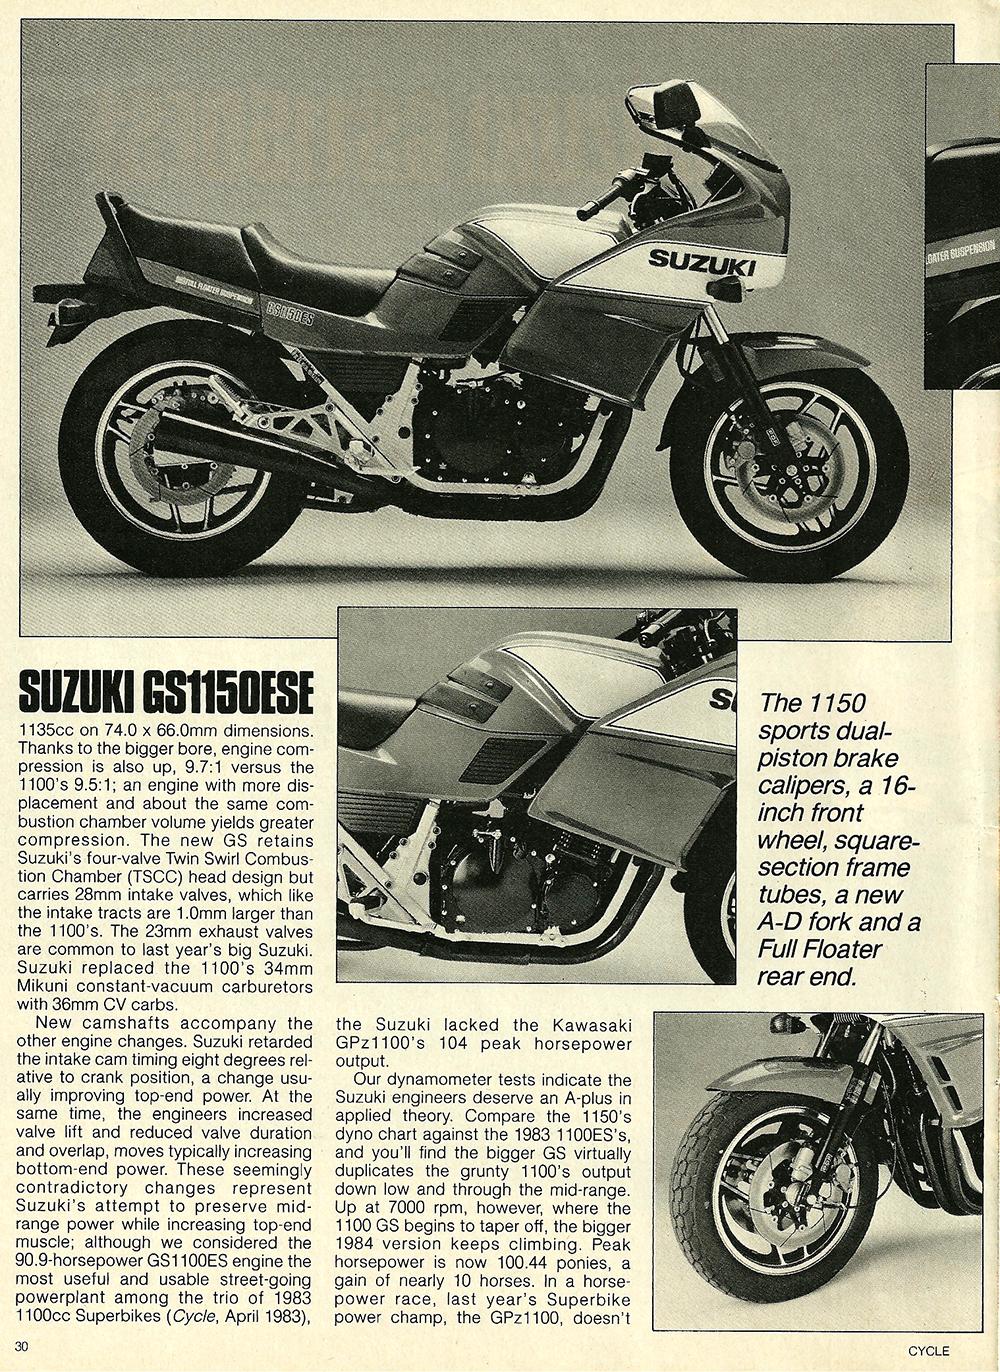 1984 Suzuki GS1150ESE road test 3.jpg